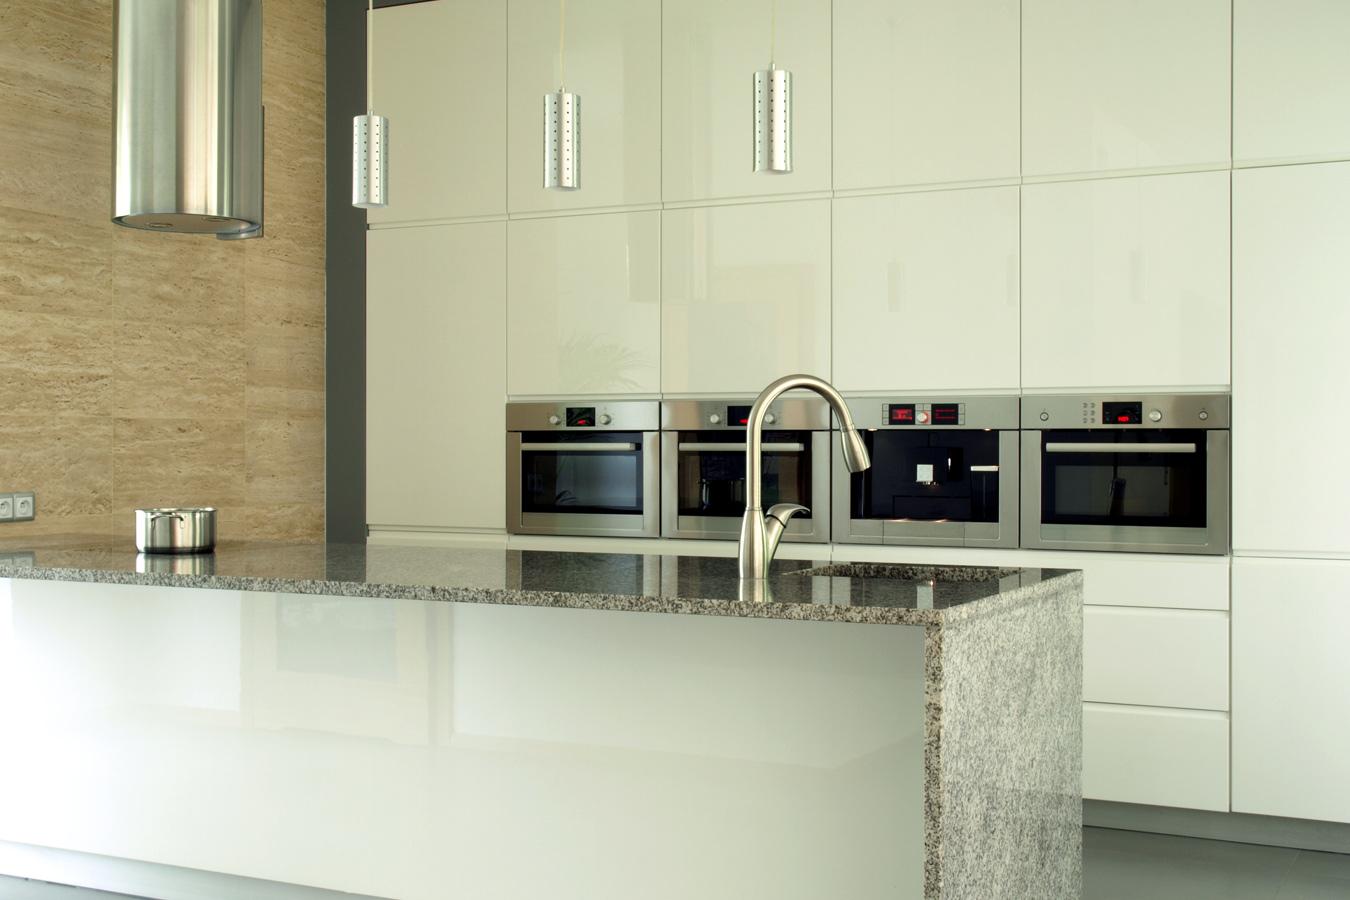 Moderne keukens idee n inspiratie - Werkblad graniet prijzen keuken ...